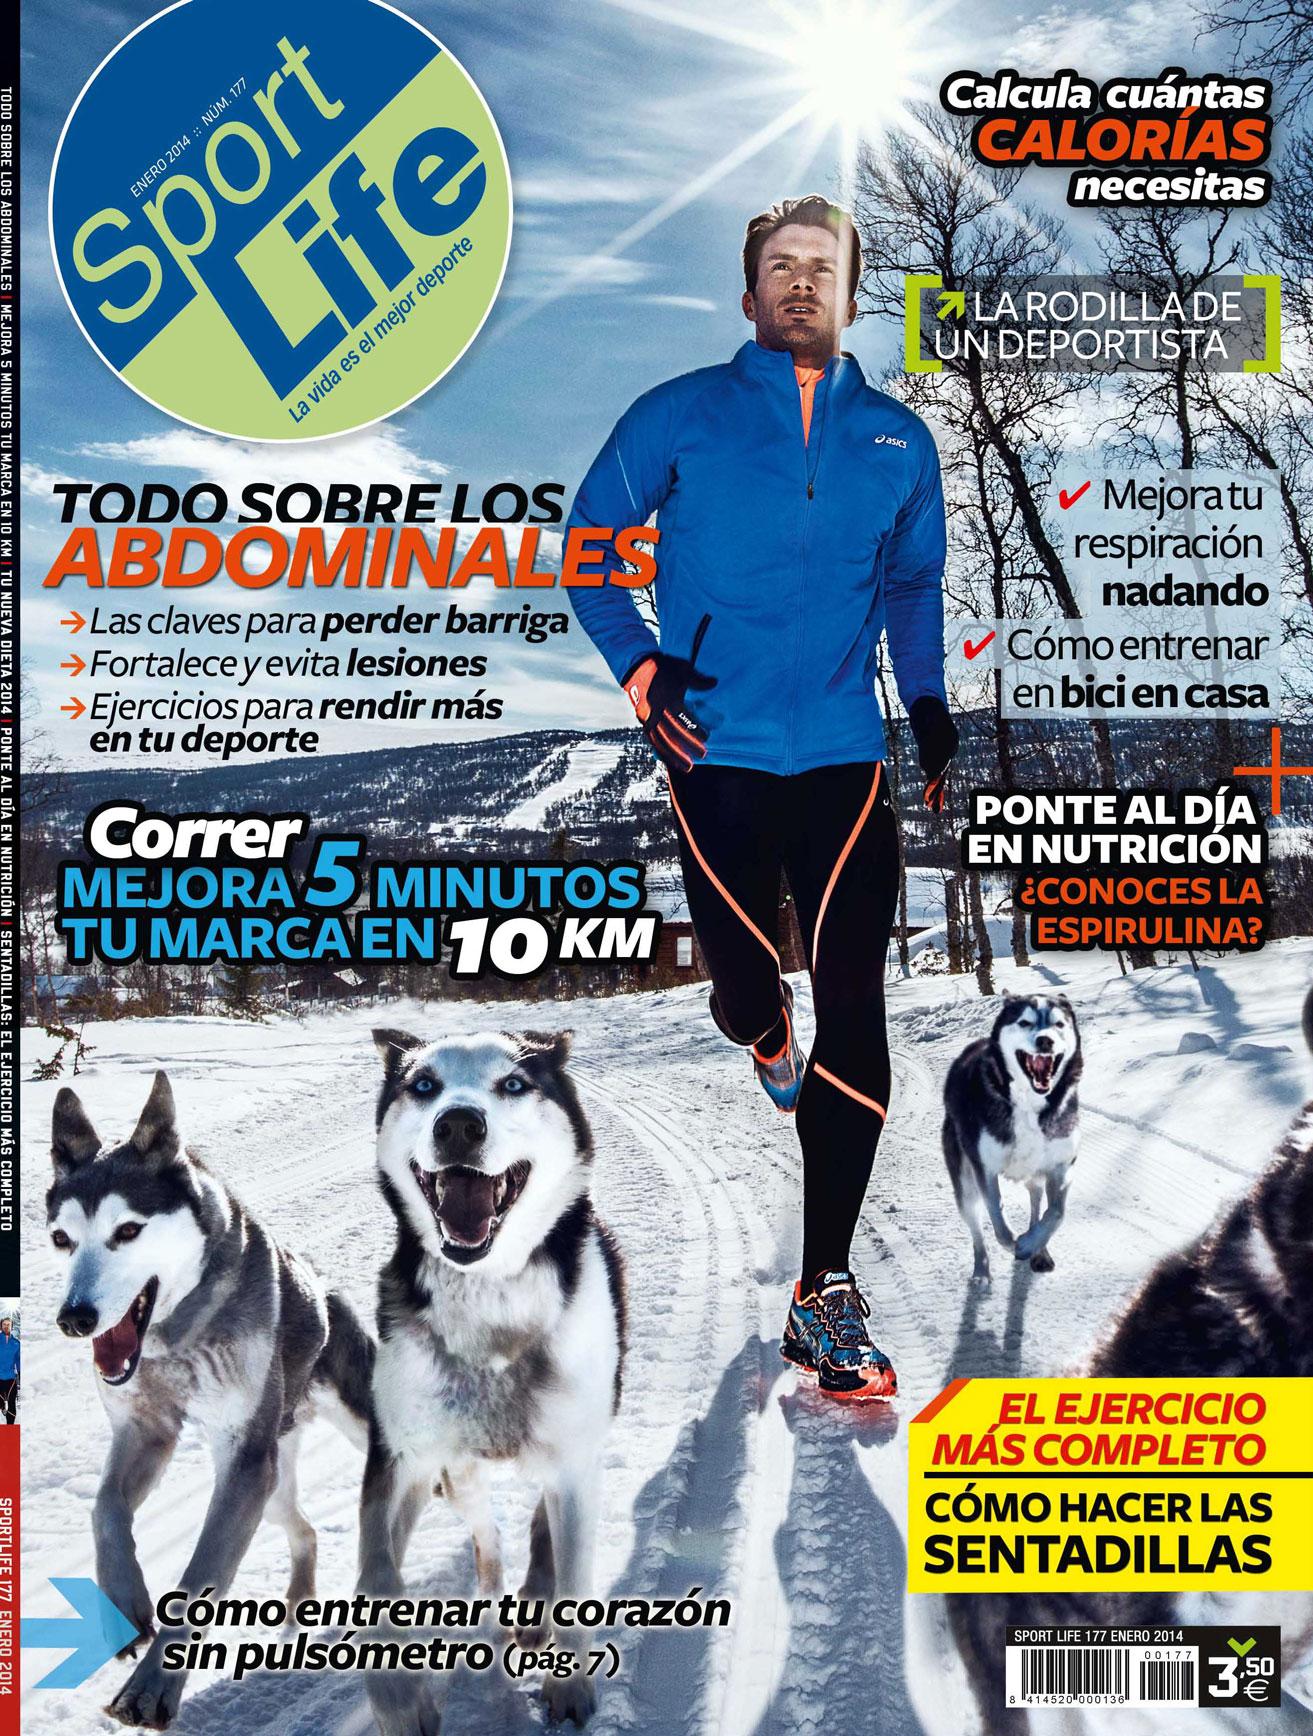 Sumario Sport Life 177 Enero 2014